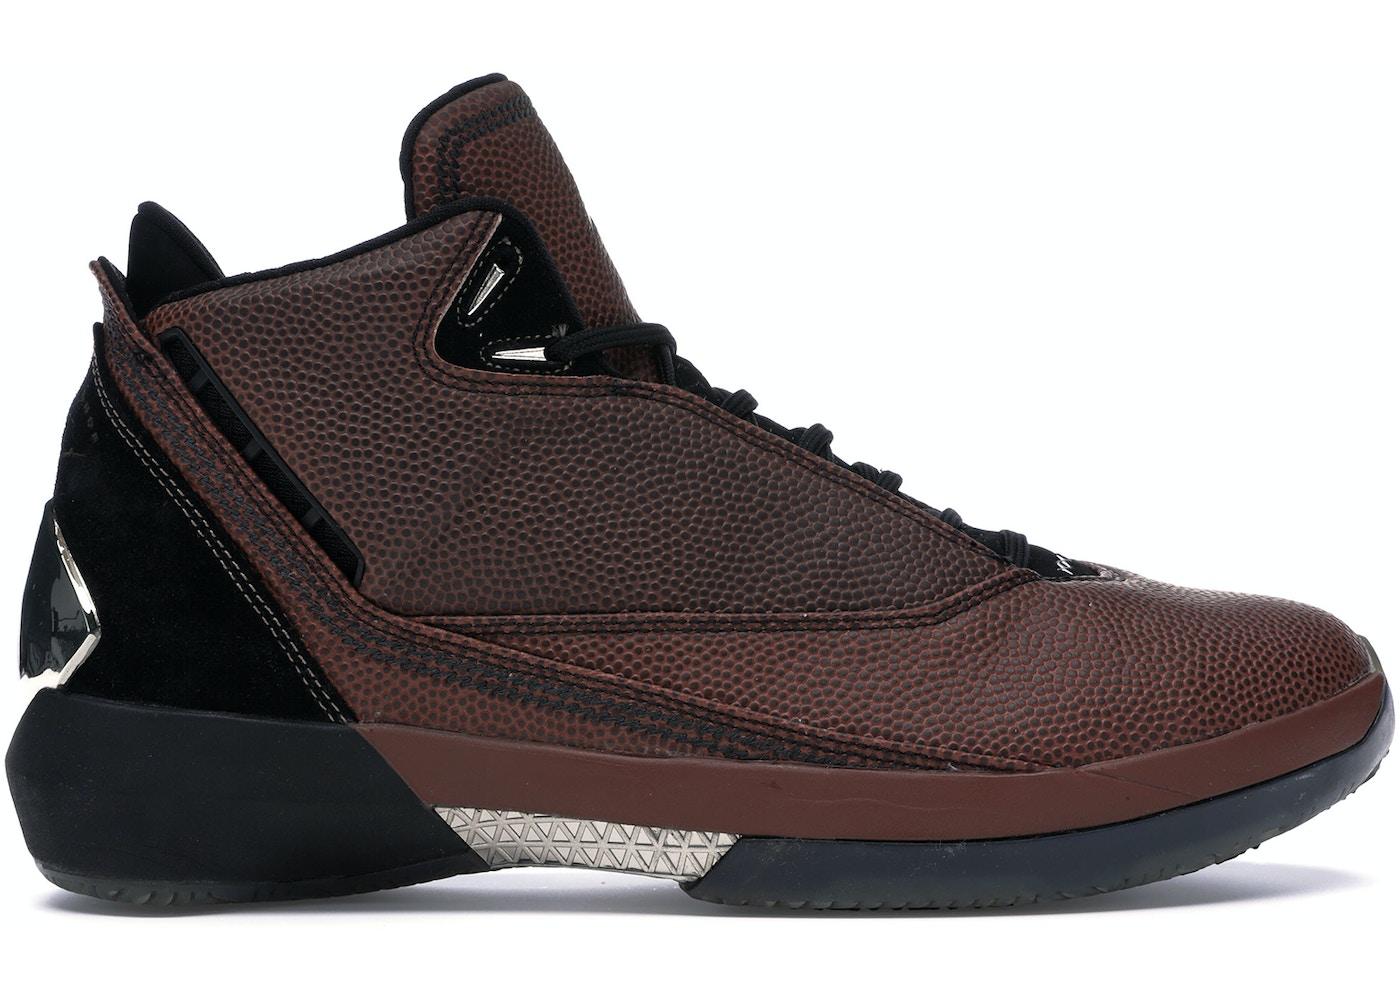 aa736af77dbd Buy Air Jordan 22 Shoes   Deadstock Sneakers